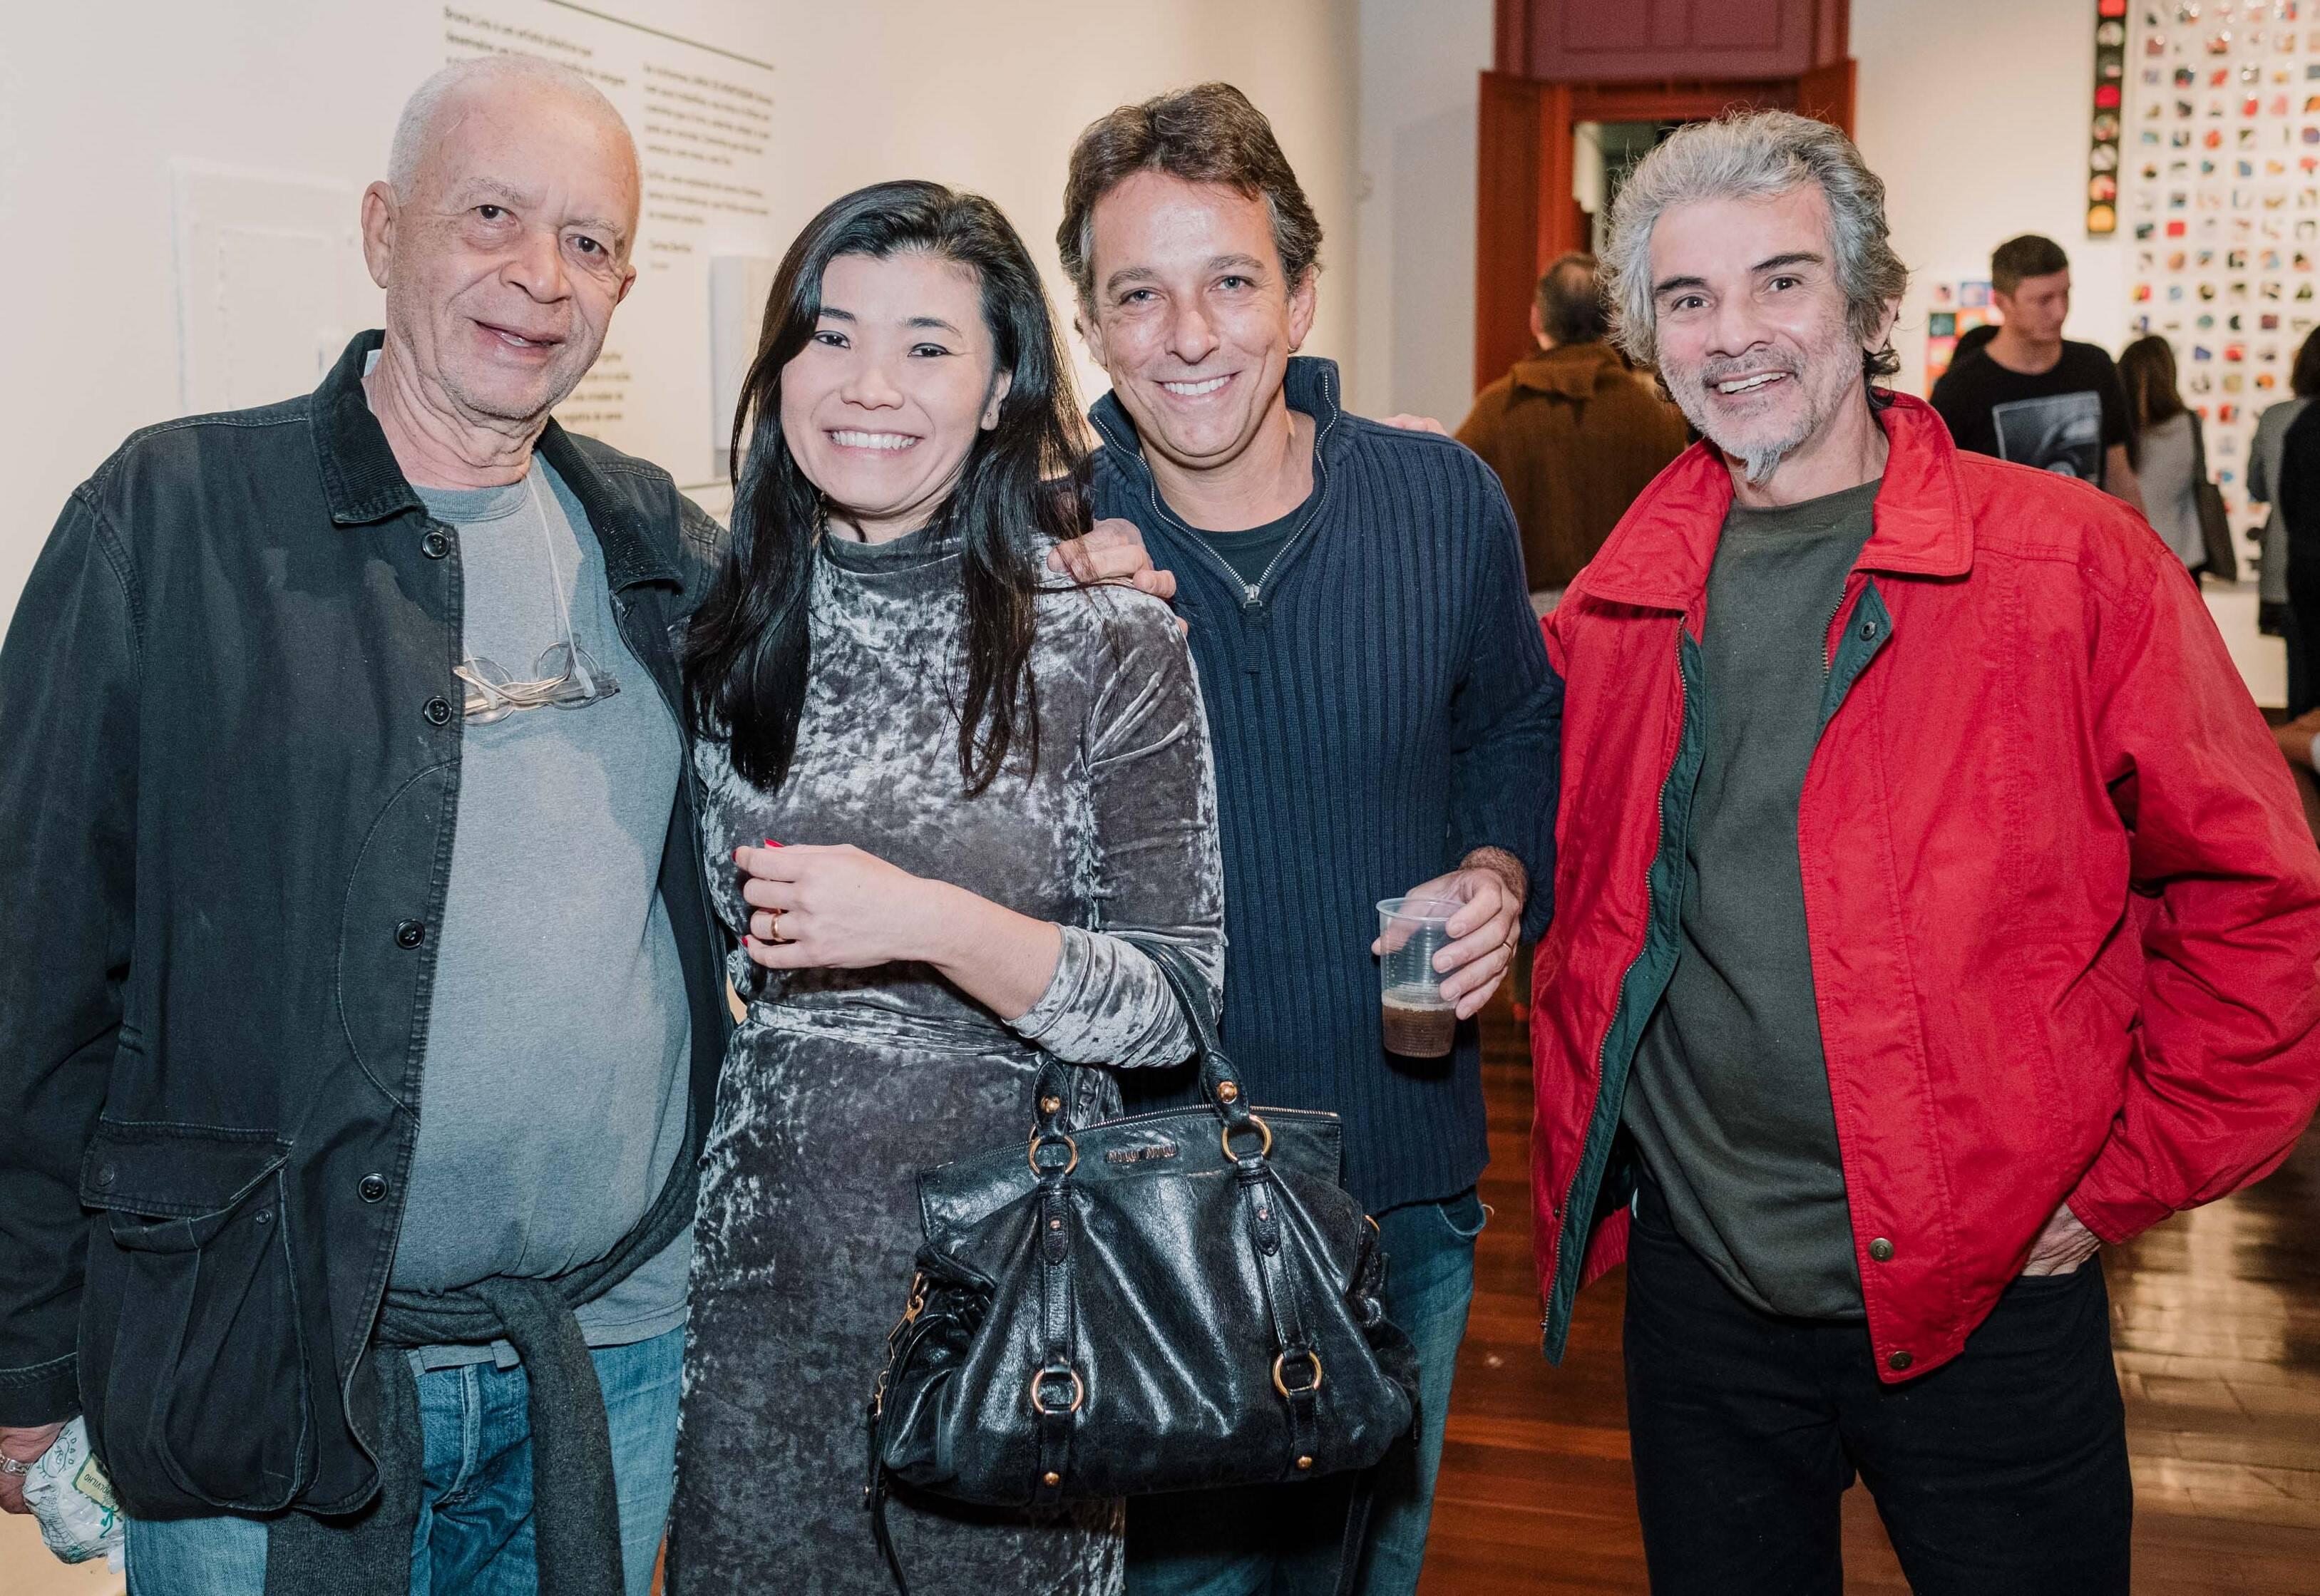 Diógenes Paixão, Simone Katsuren, Bruno Lins e Roosivelt Pinheiro  /Foto: Tulio Thomé